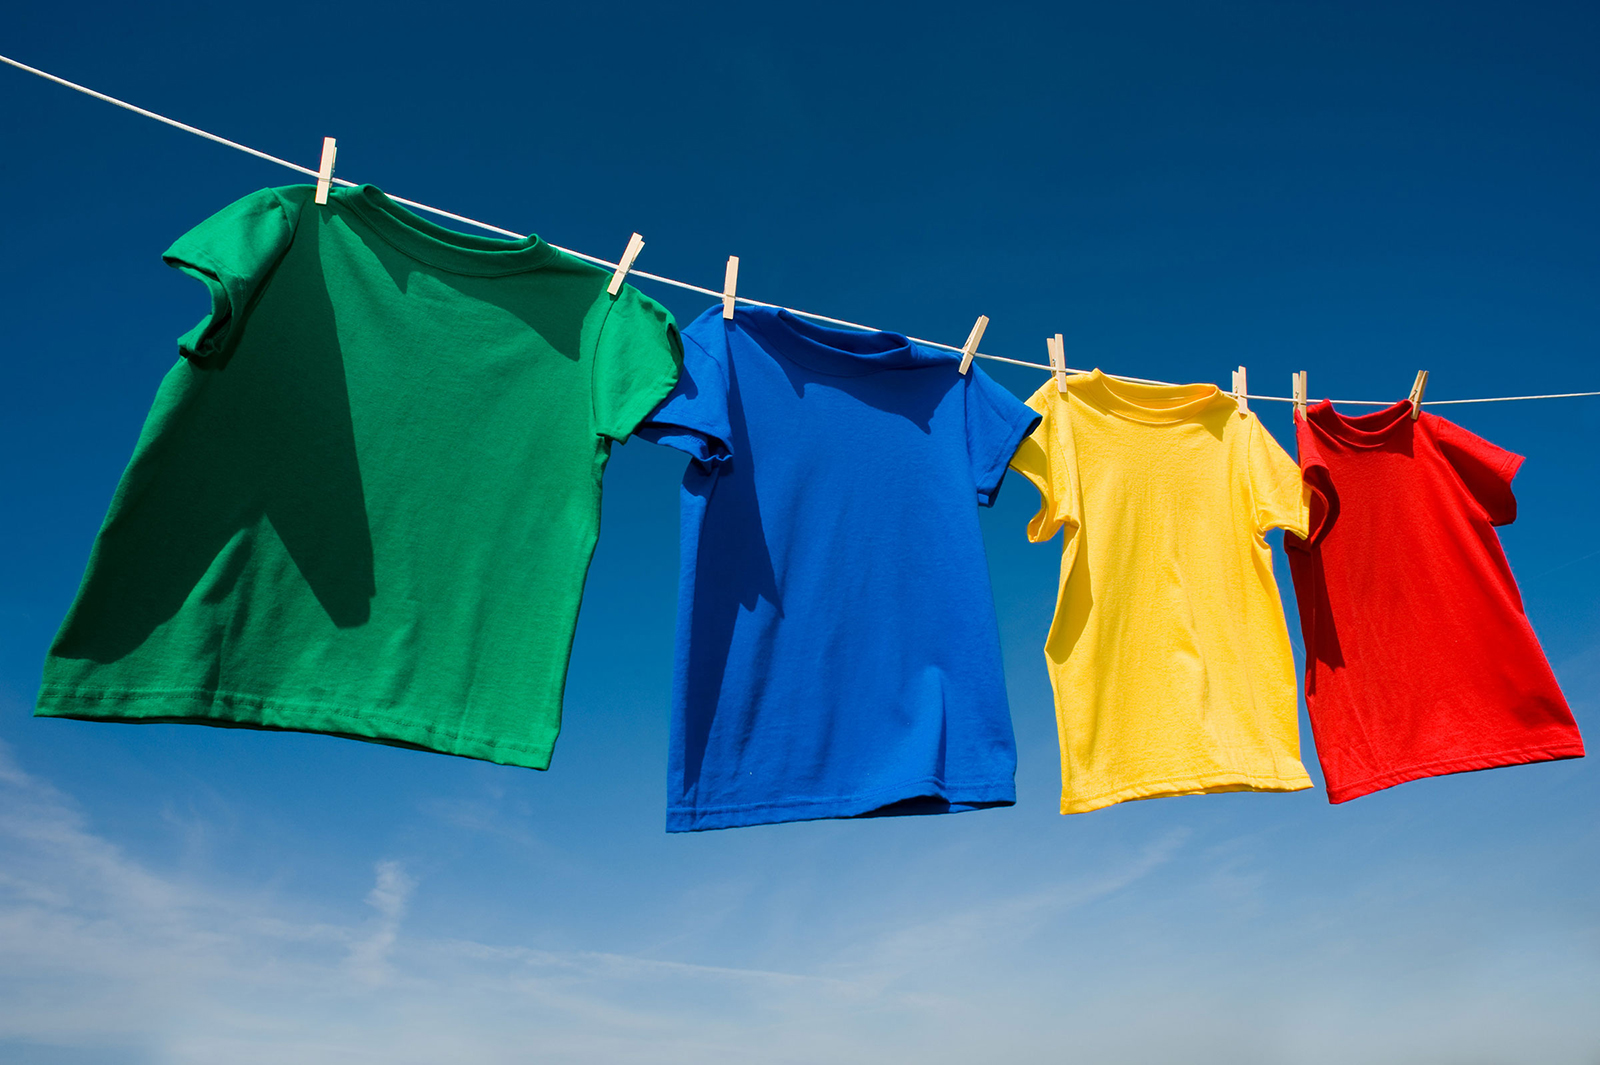 Ήρθαν οι κάδοι ανακύκλωσης ρούχων  57e1c096aec